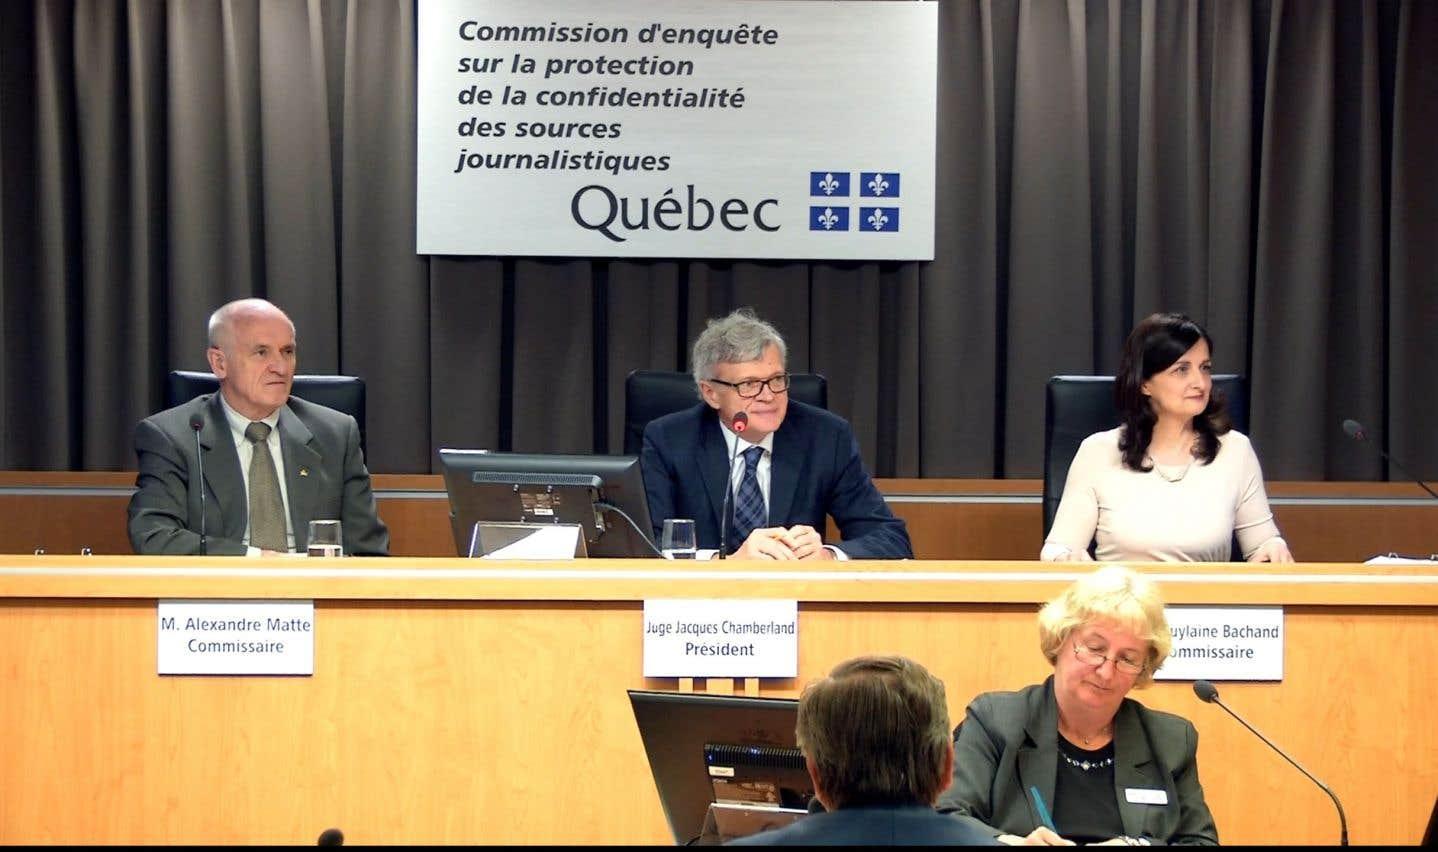 Le rapport Chamberland reconnaît d'abord le rôle fondamental des journalistes dans notre société démocratique et propose une protection accrue du matériel et des sources journalistiques.